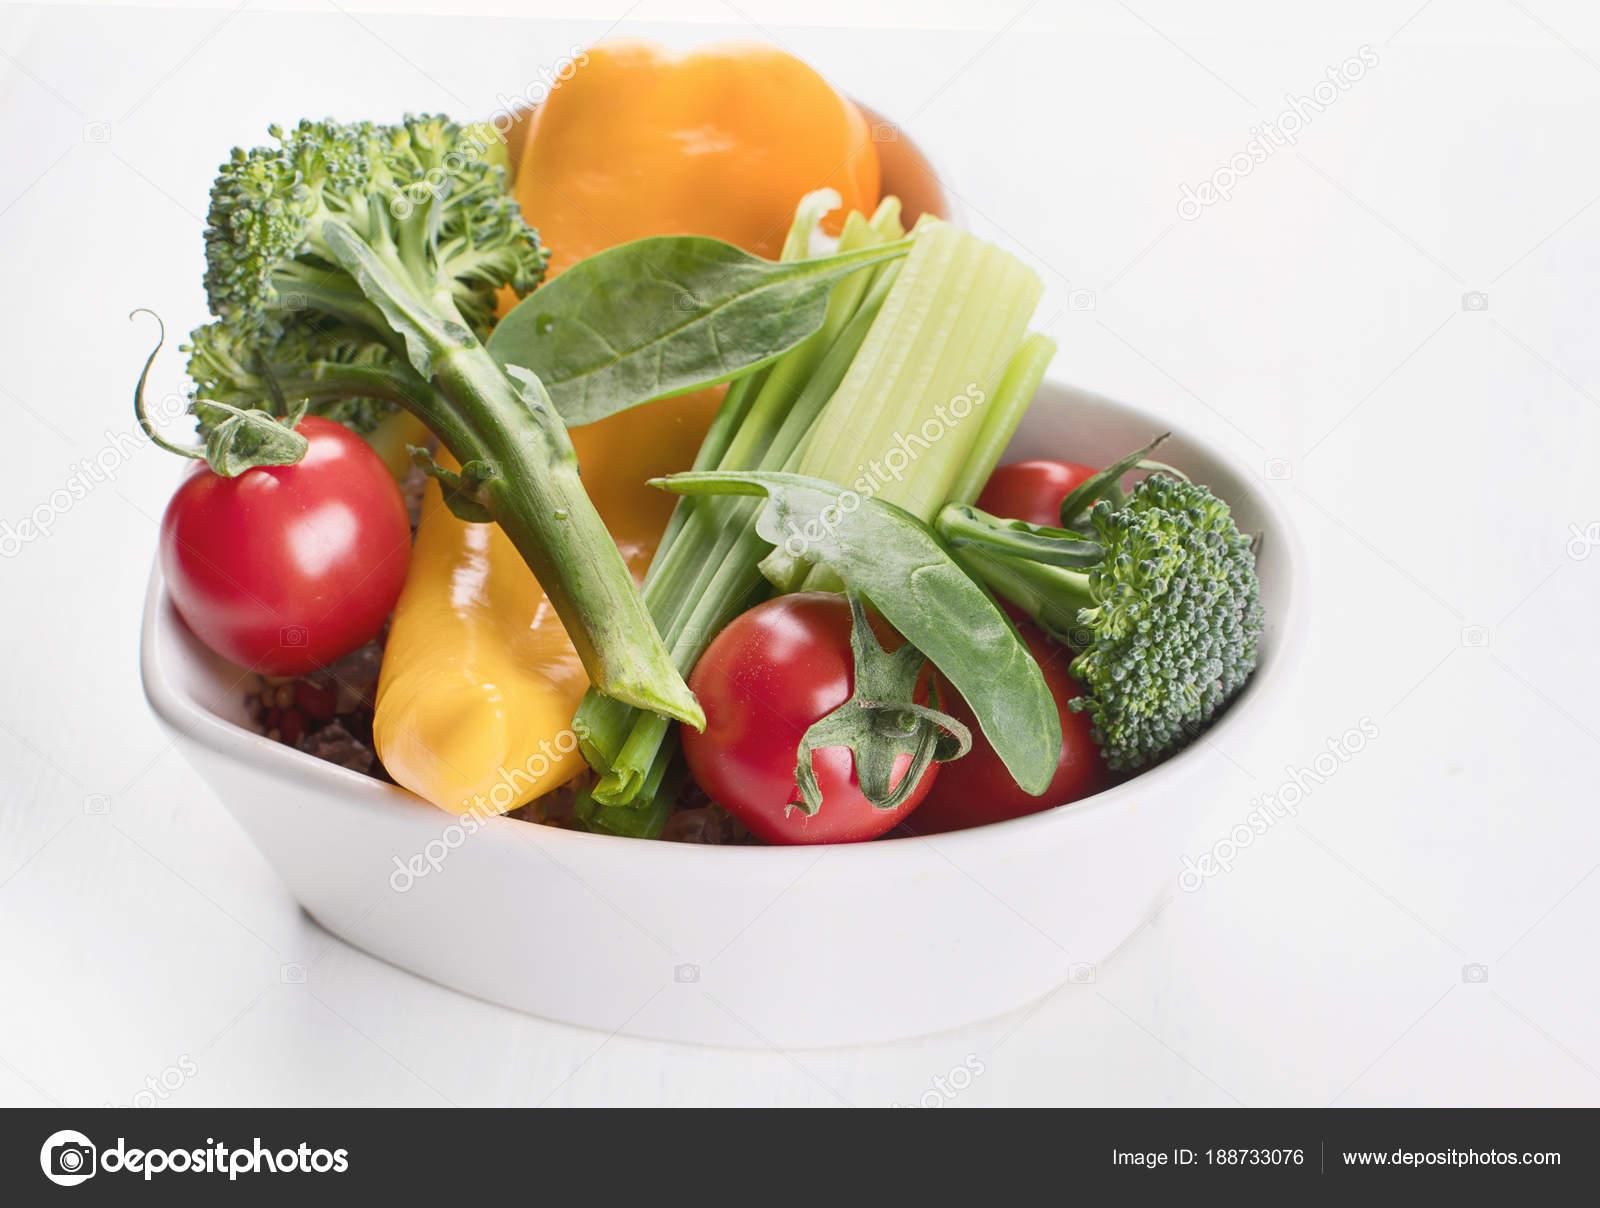 Список покупок книга рецептов план диеты свежие сырые овощи фрукты.